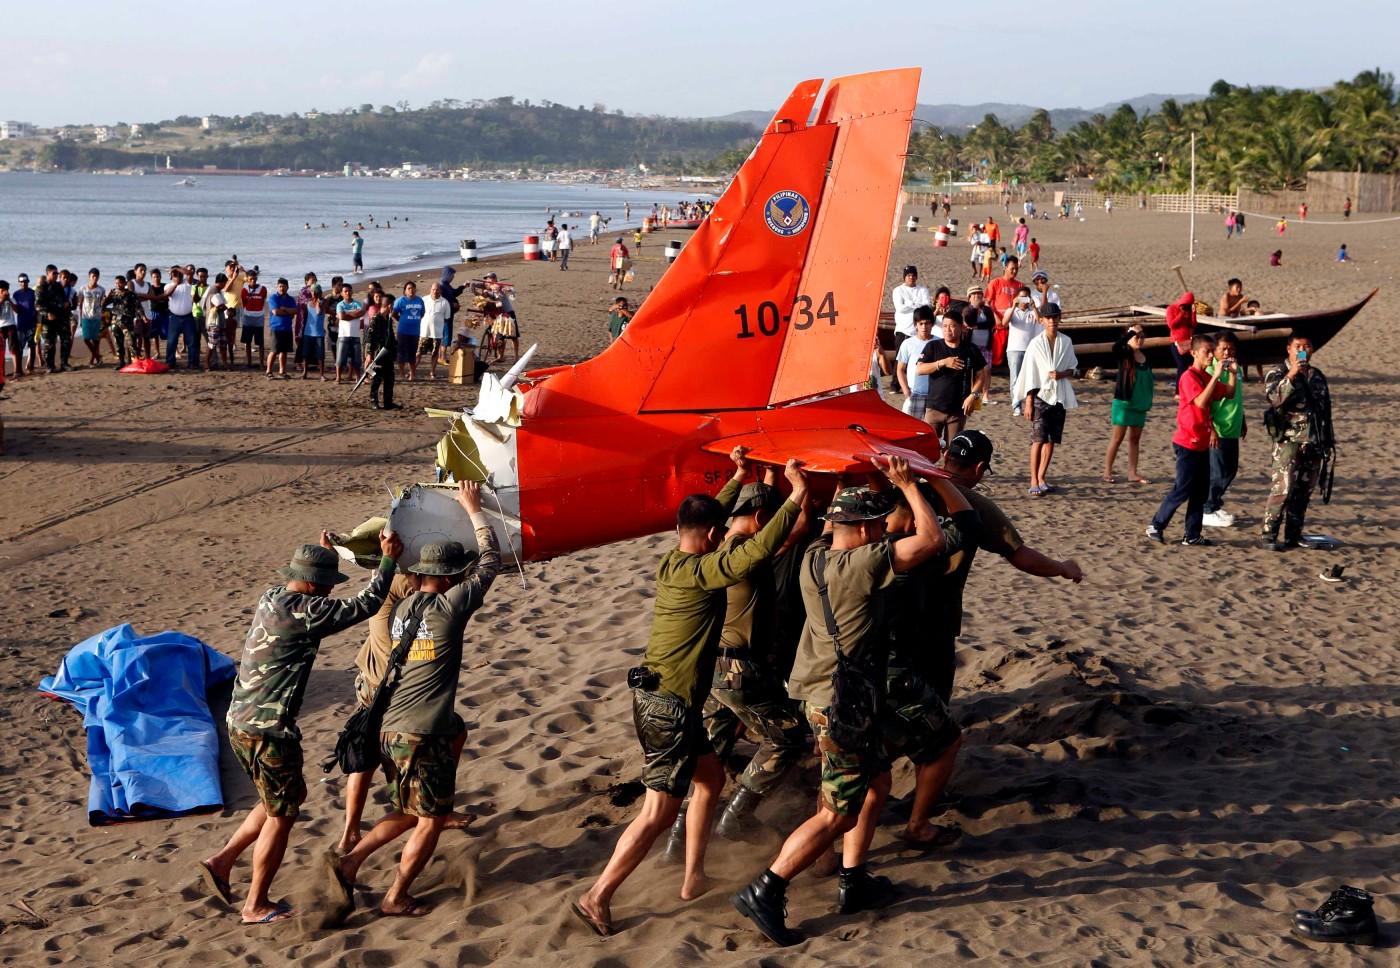 Philippine Air Force SF-260 crash